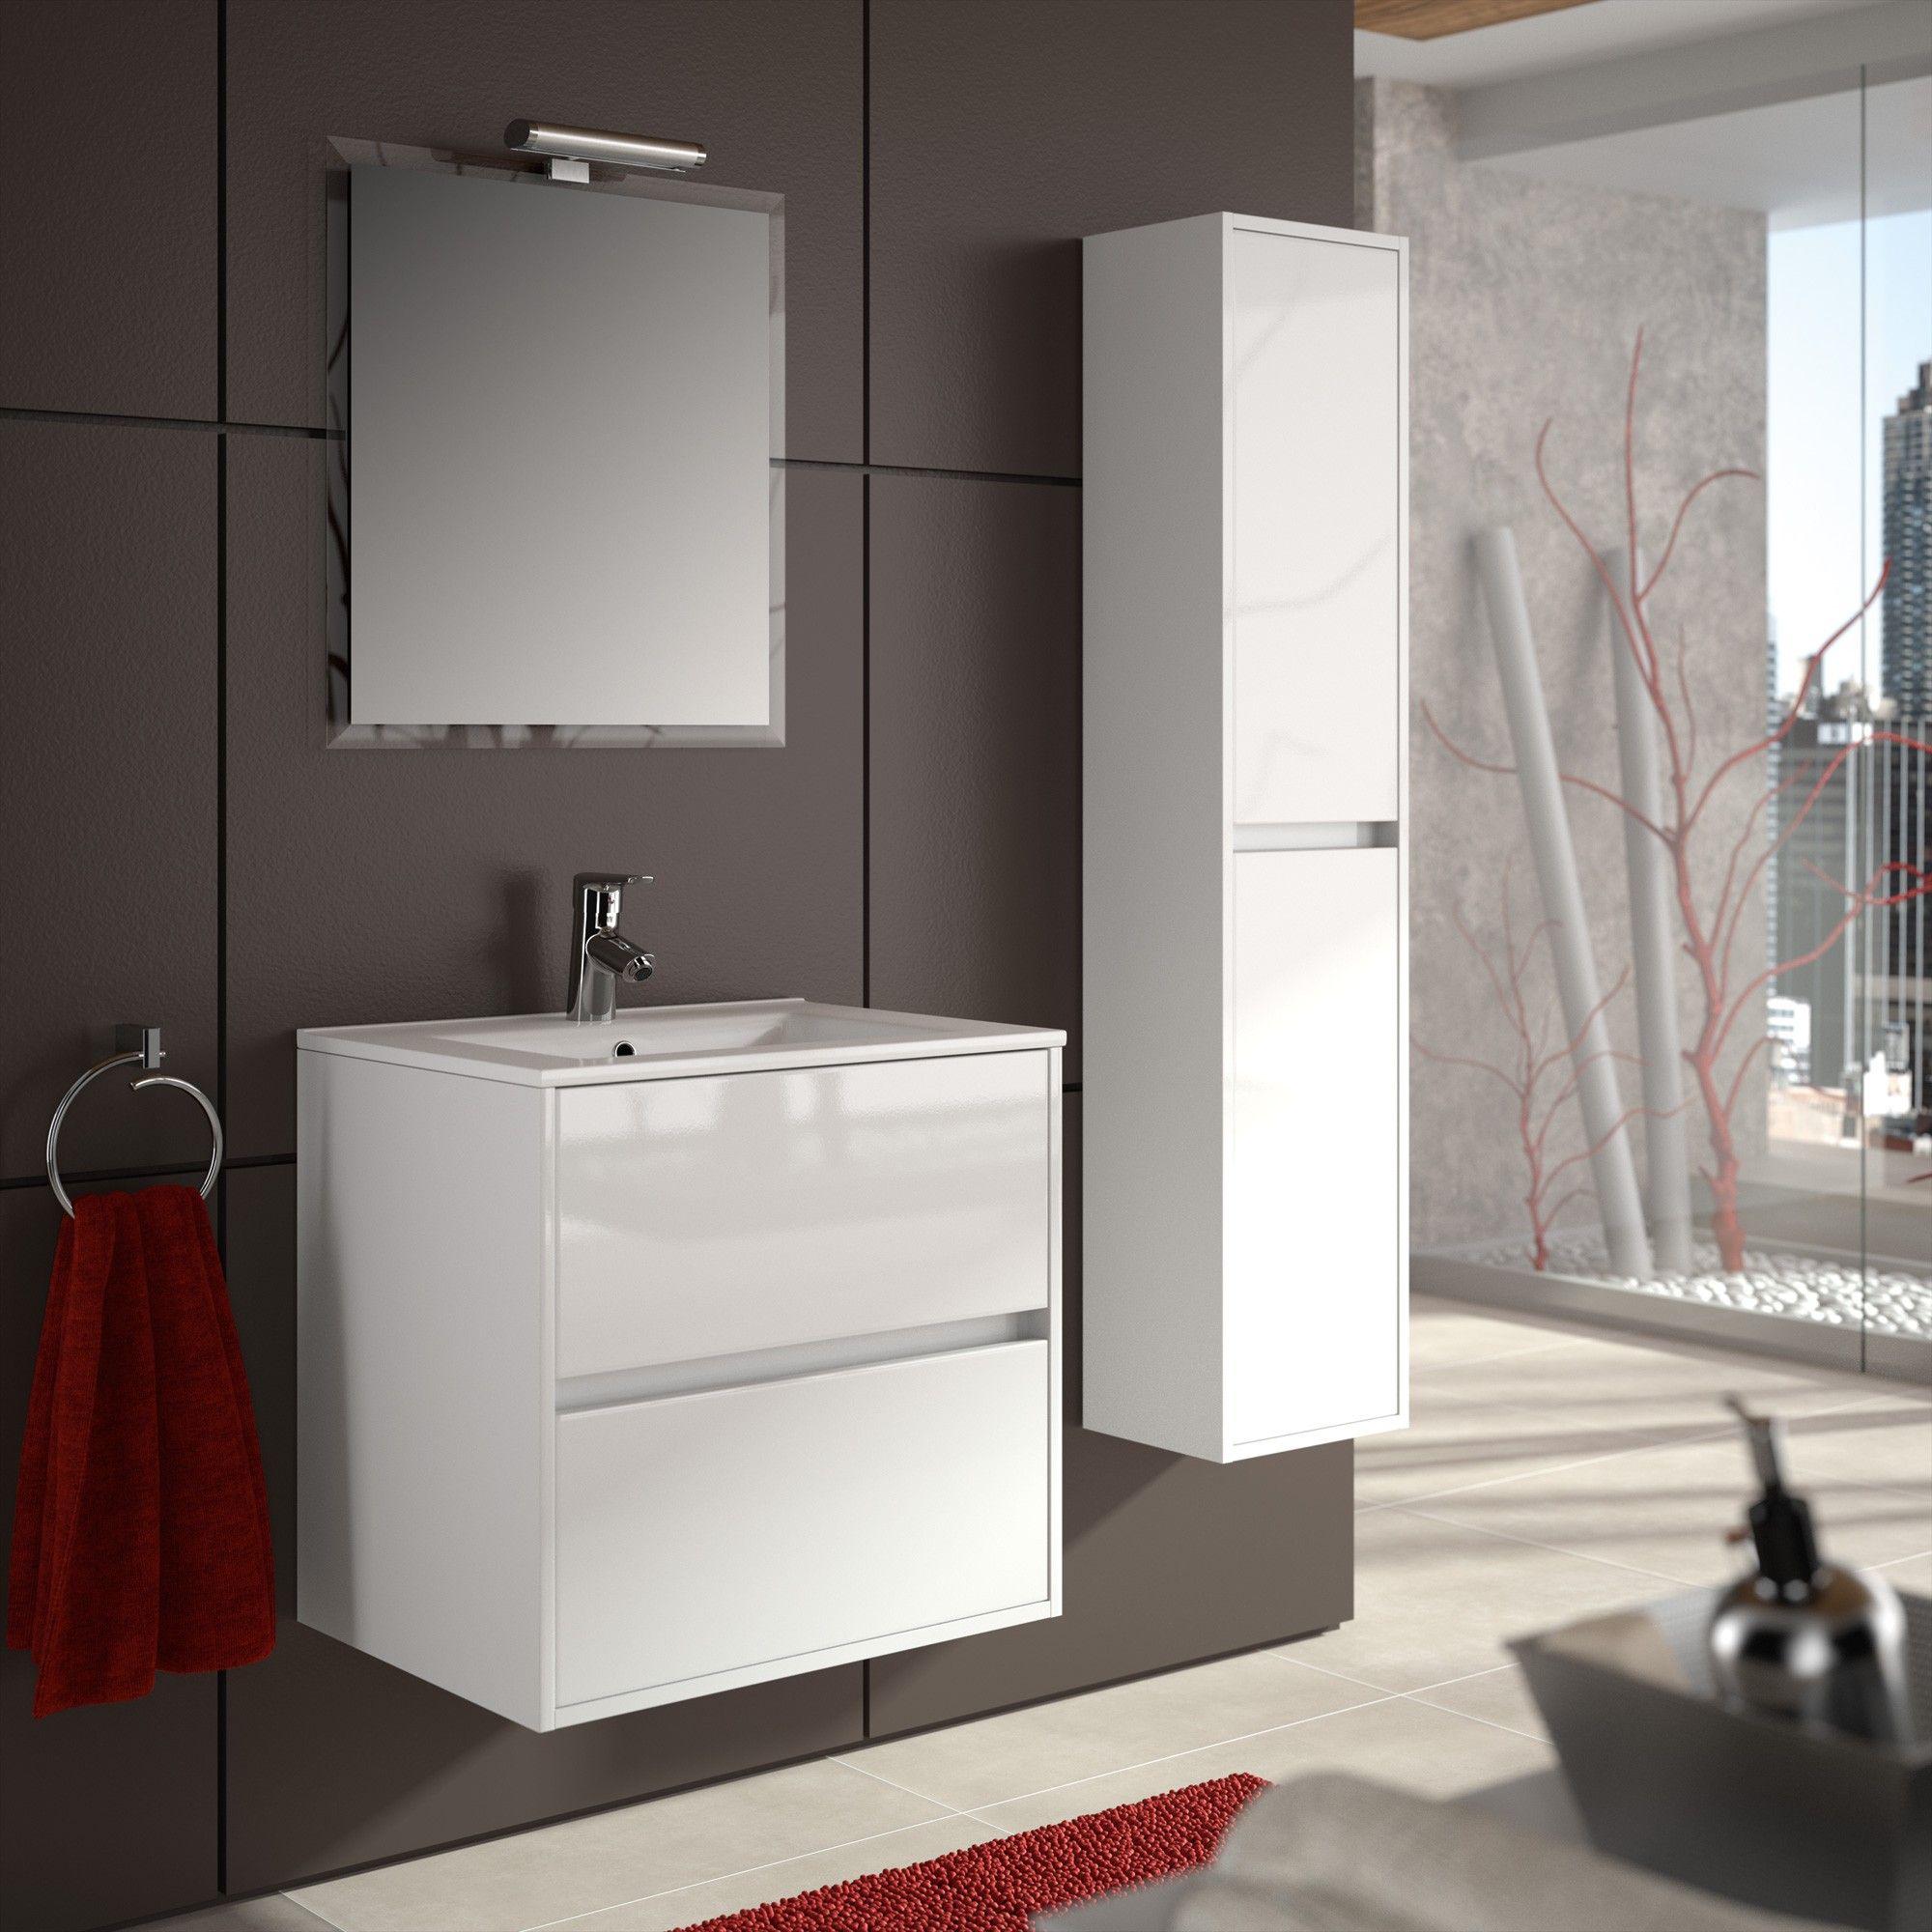 Meuble salle de bain blanc brico depot: meuble salle de bain ...